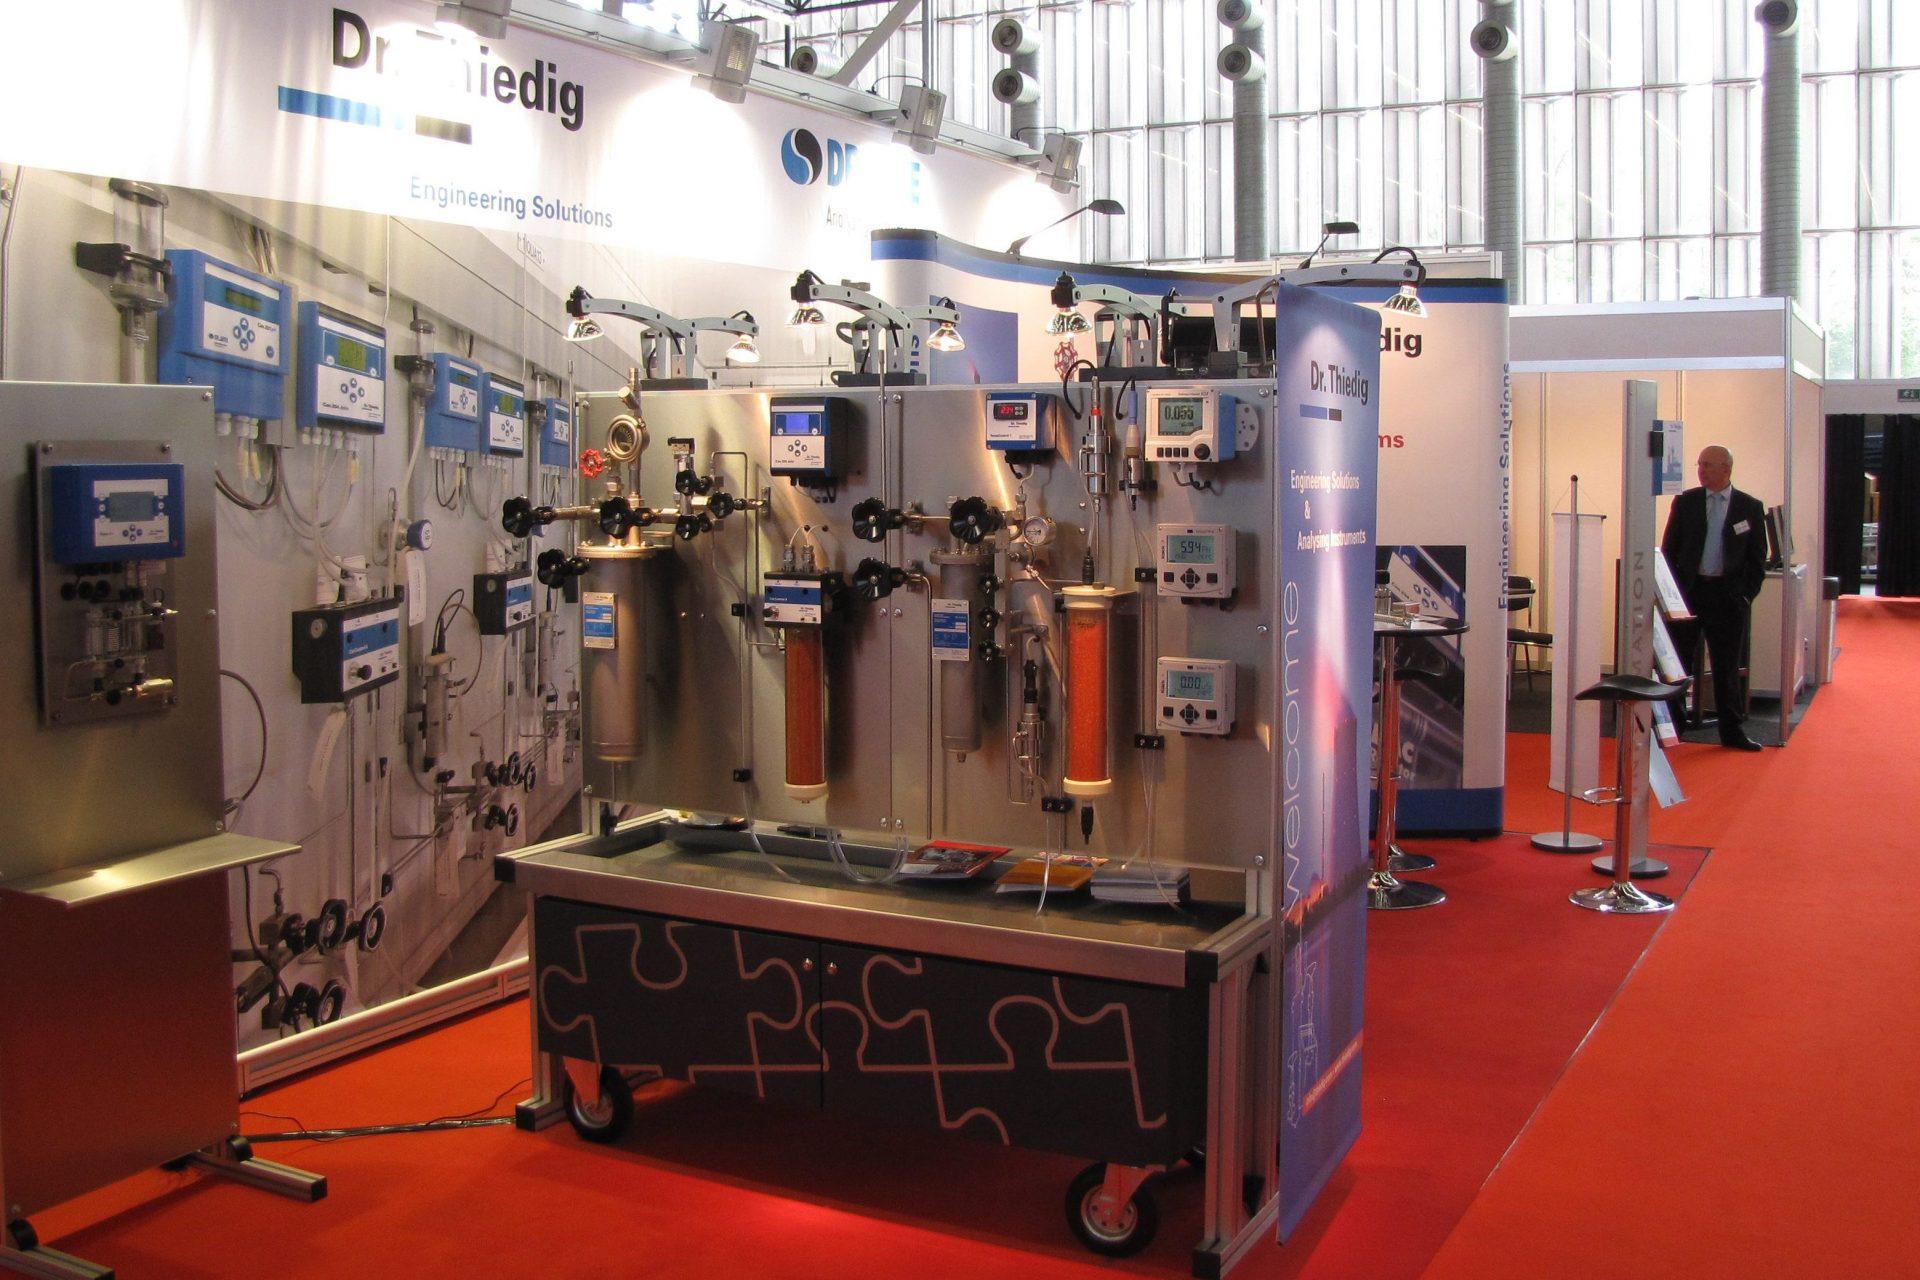 Dr. Thiedig PowerGen Europe Amsterdam 2010 (121)